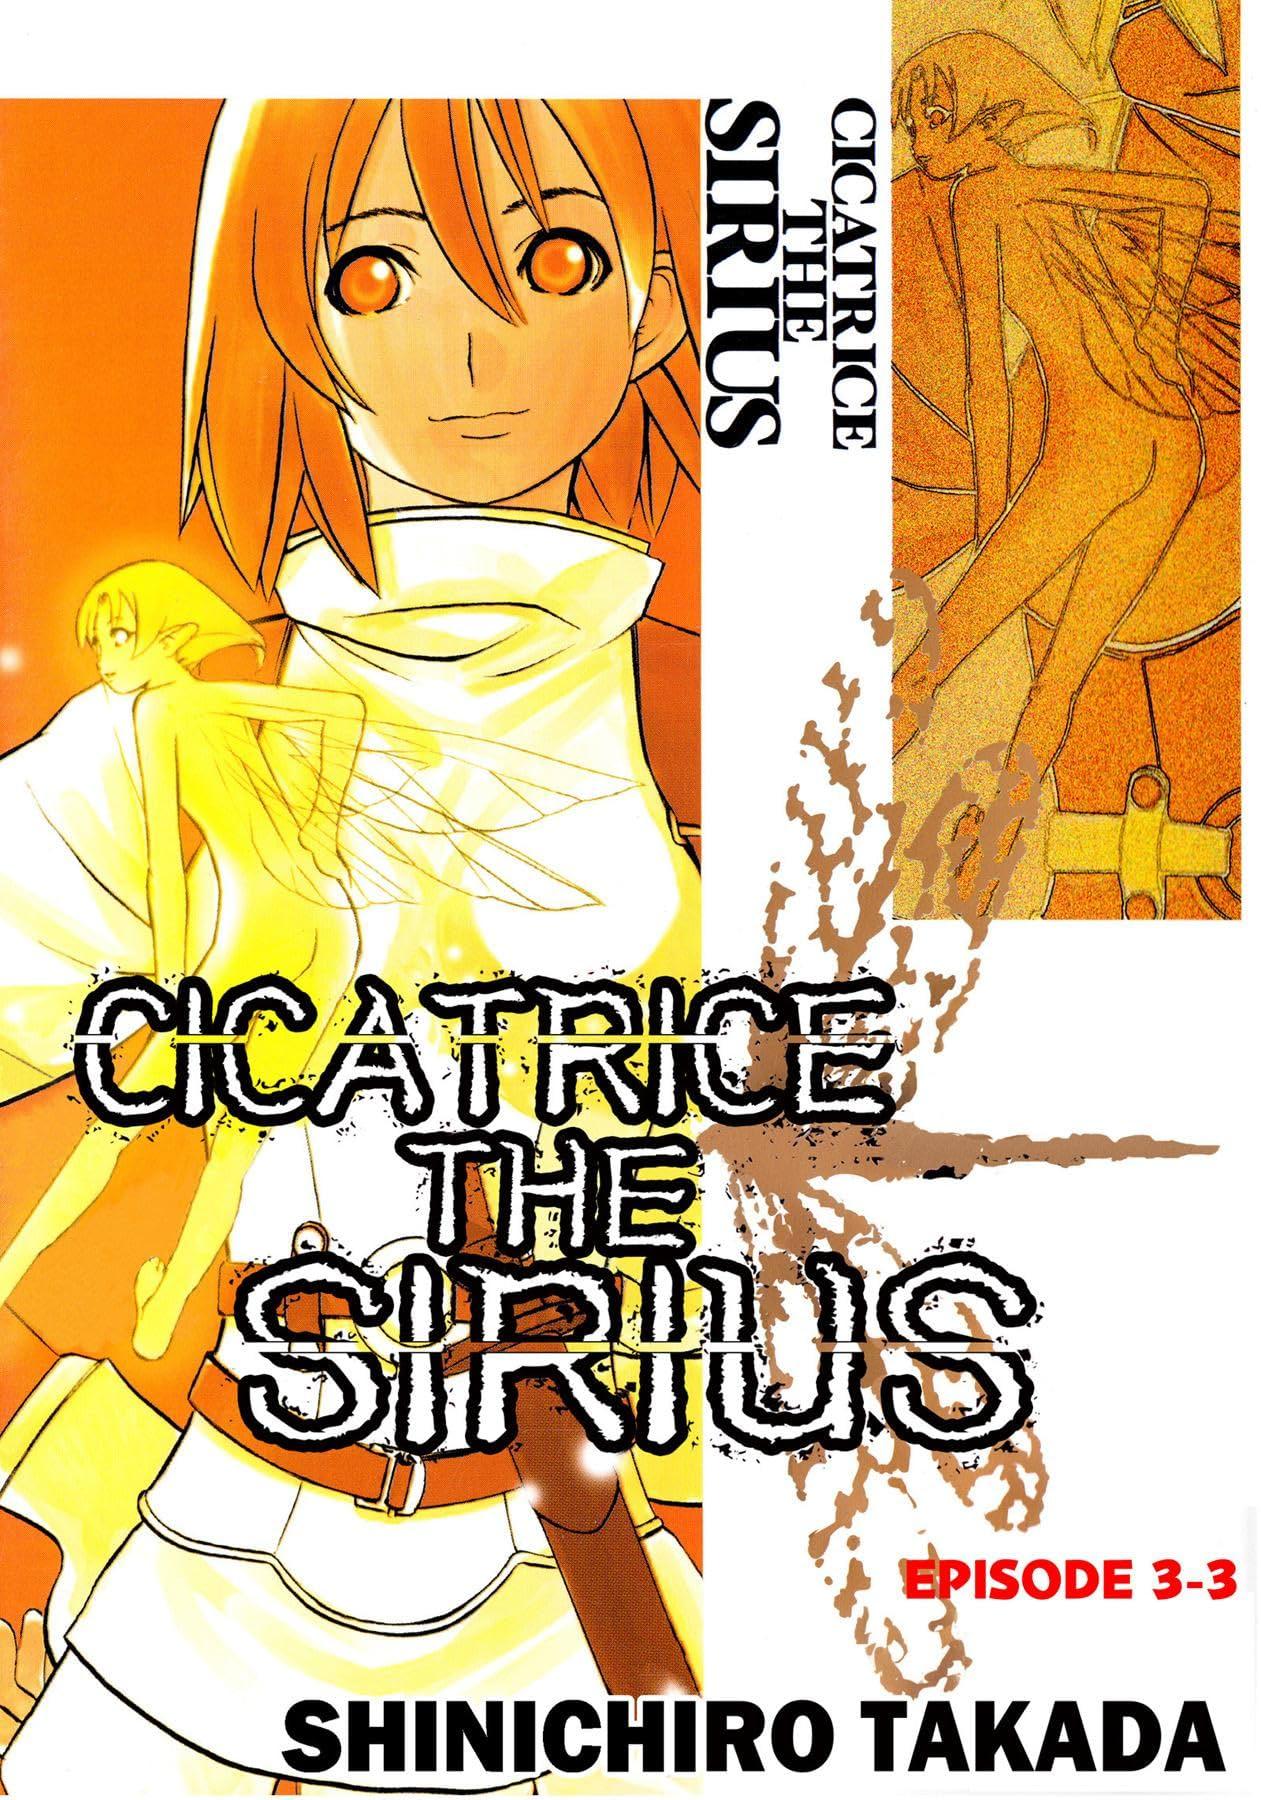 CICATRICE THE SIRIUS #17